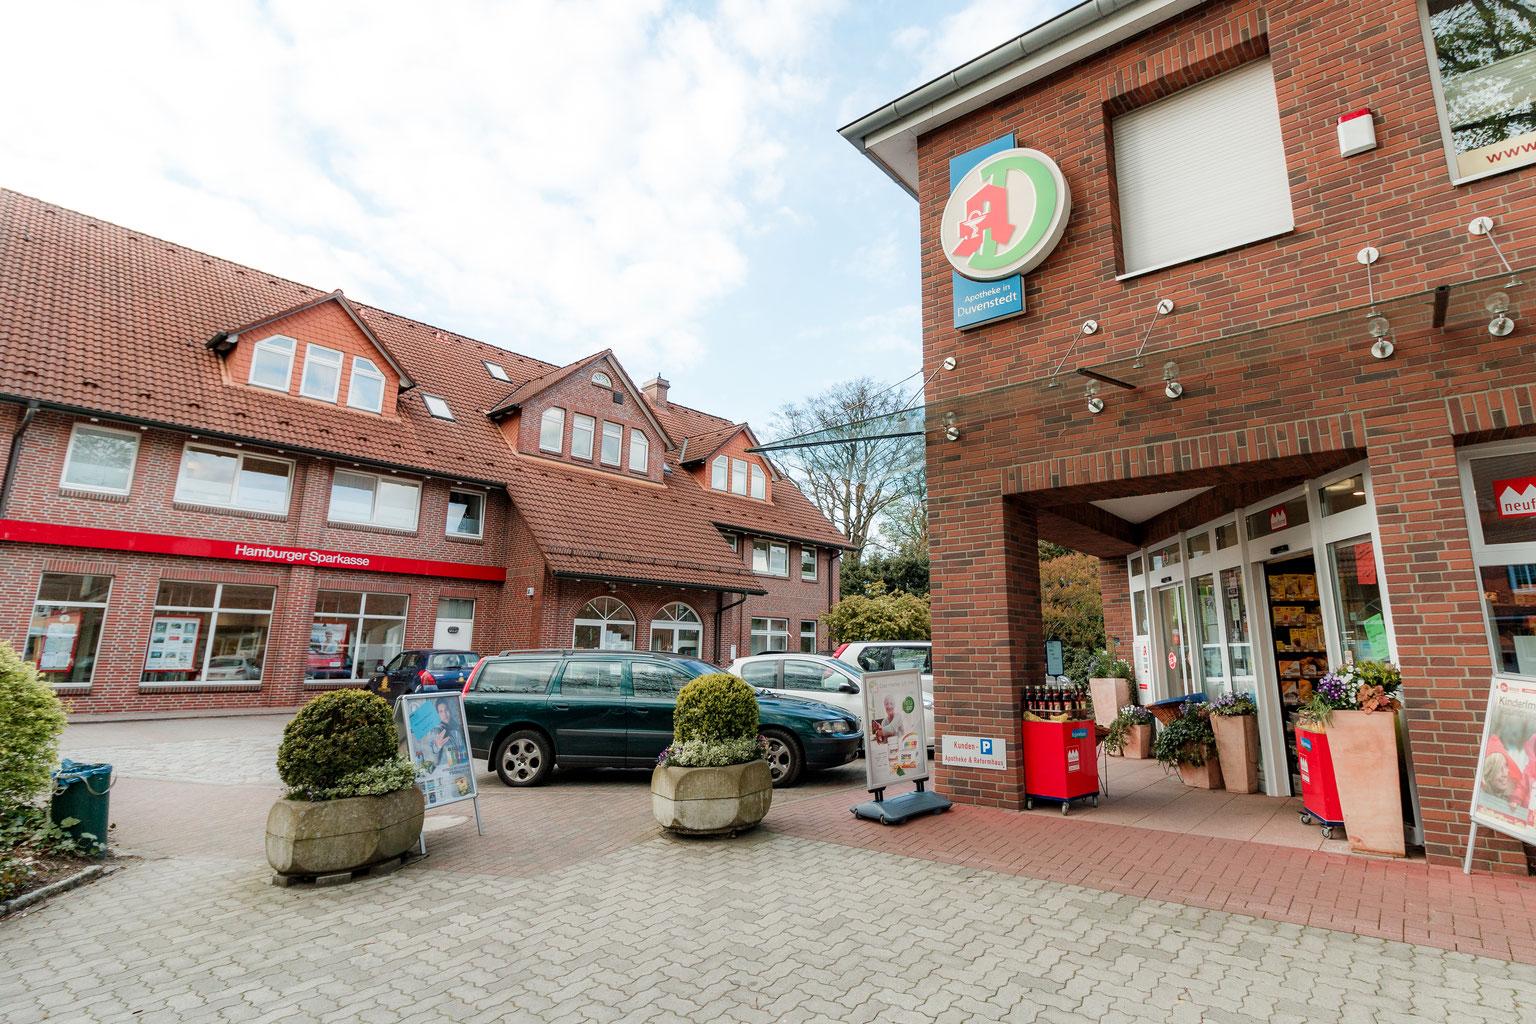 Haspa Duvenstedt öffnungszeiten apotheke in duvenstedt apotheke duvenstedter damm 50 22397 hamburg